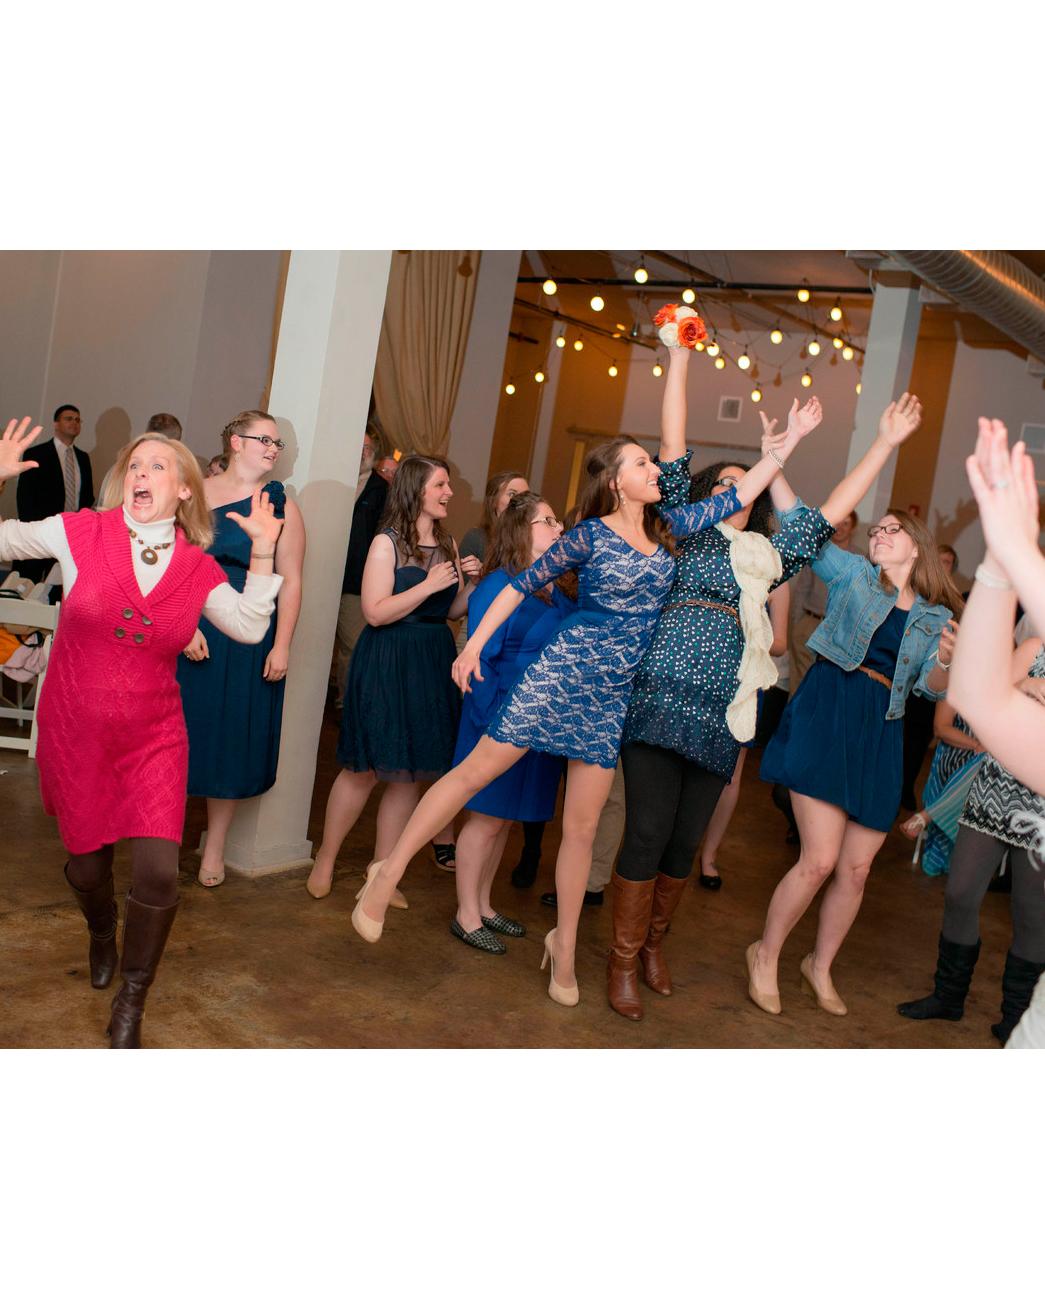 hilarious-wedding-photos-bouquet-toss-gone-wrong-1115.jpg